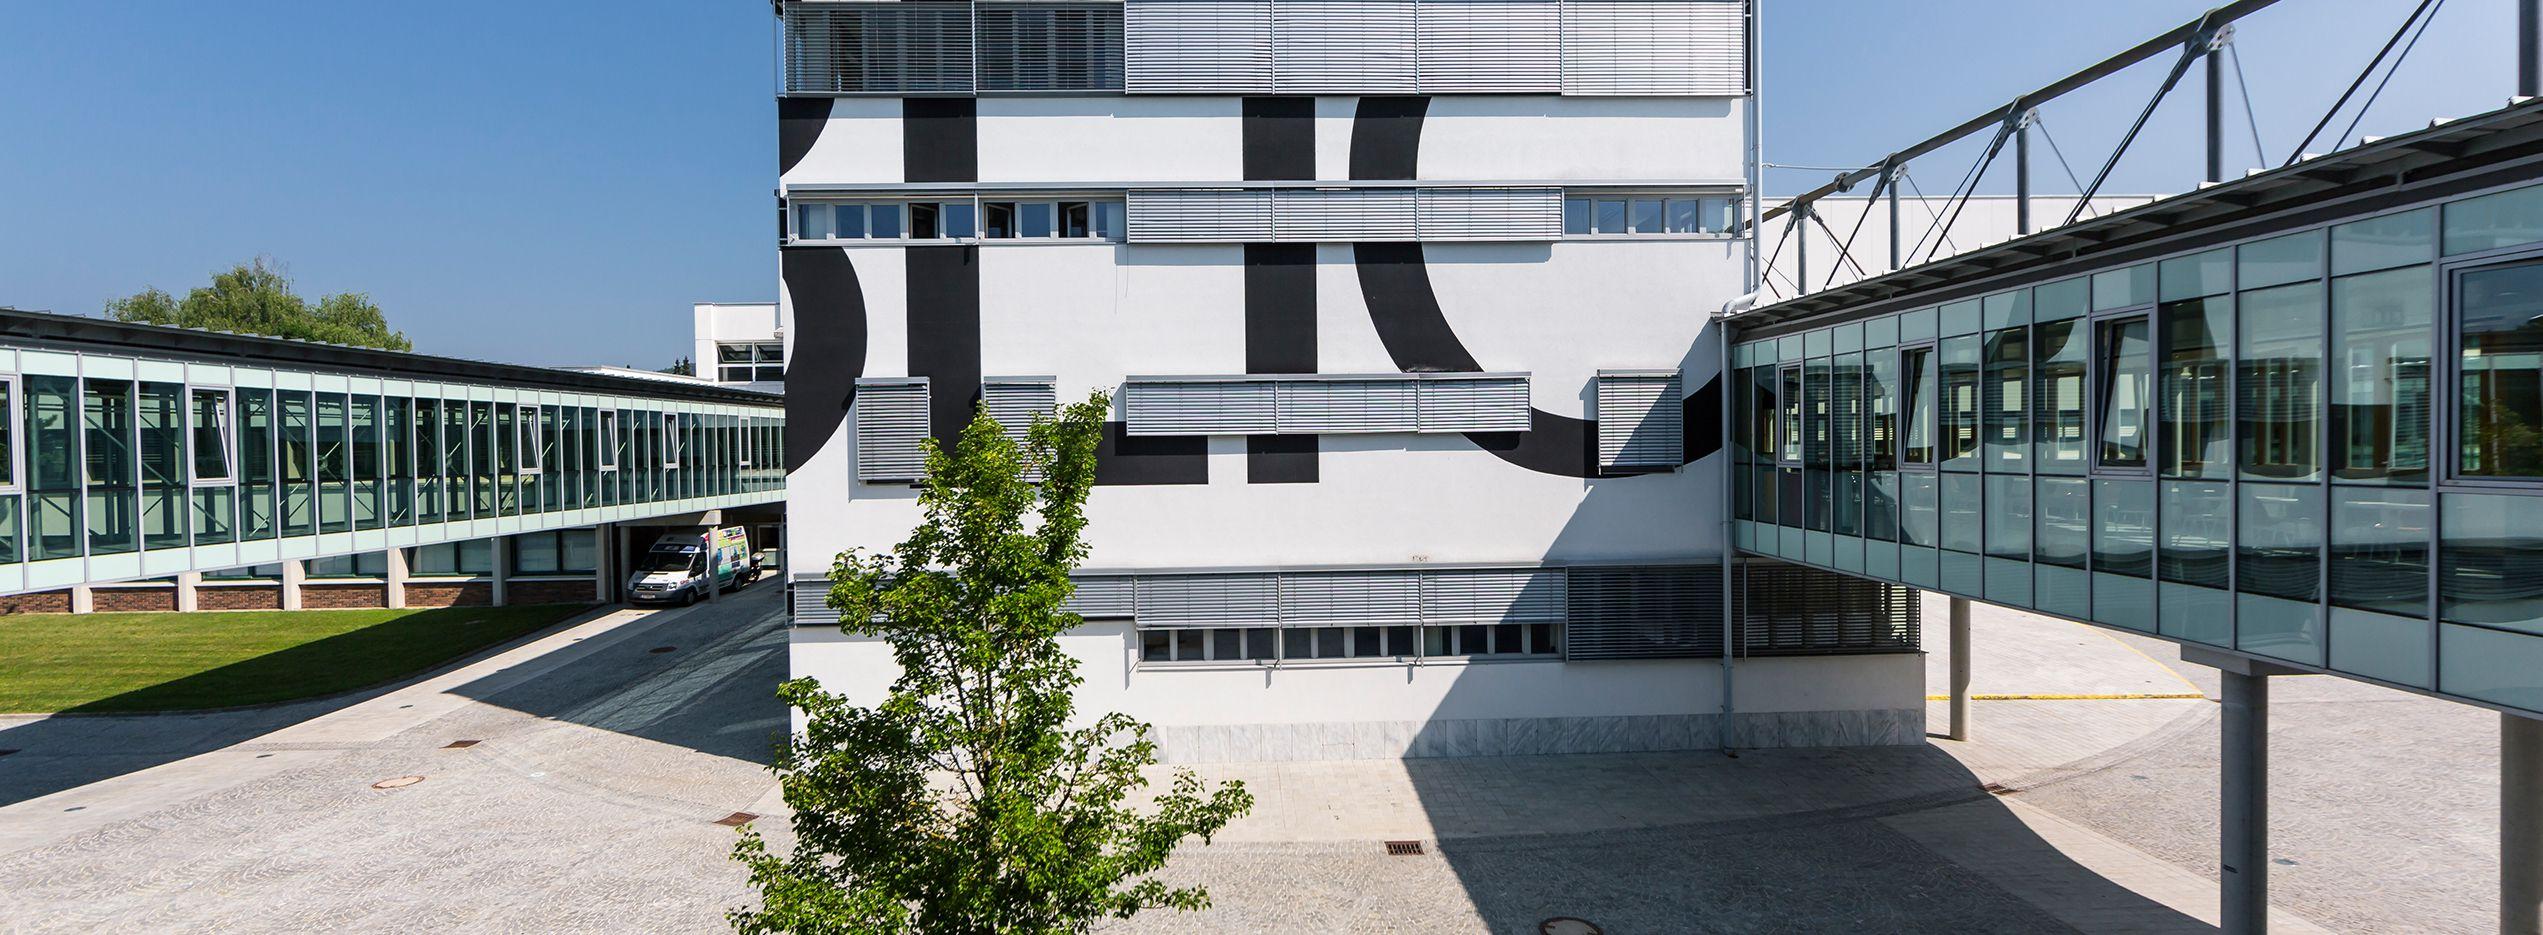 Alpen-Adria Universität Klagenfurt Architektur Bibliothek | Foto: tinefoto.com